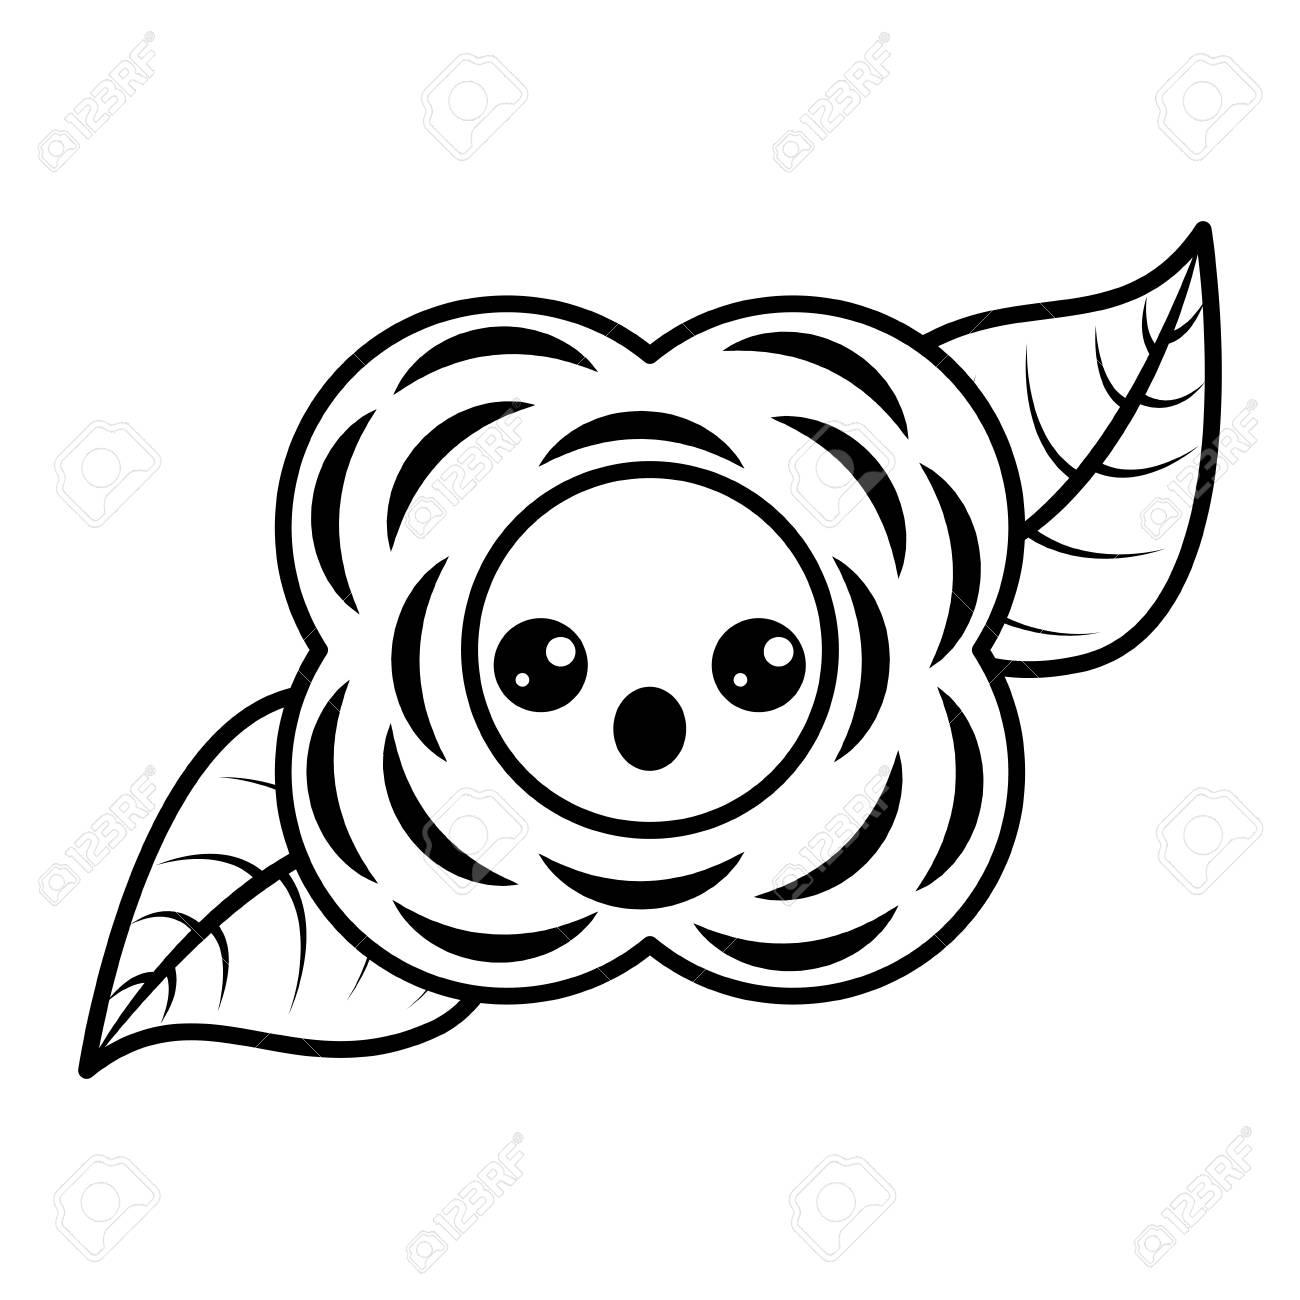 Fleur Kawaii Image Naturelle En Noir Et Blanc Dessin Animé Illustration Vectorielle Contour Image